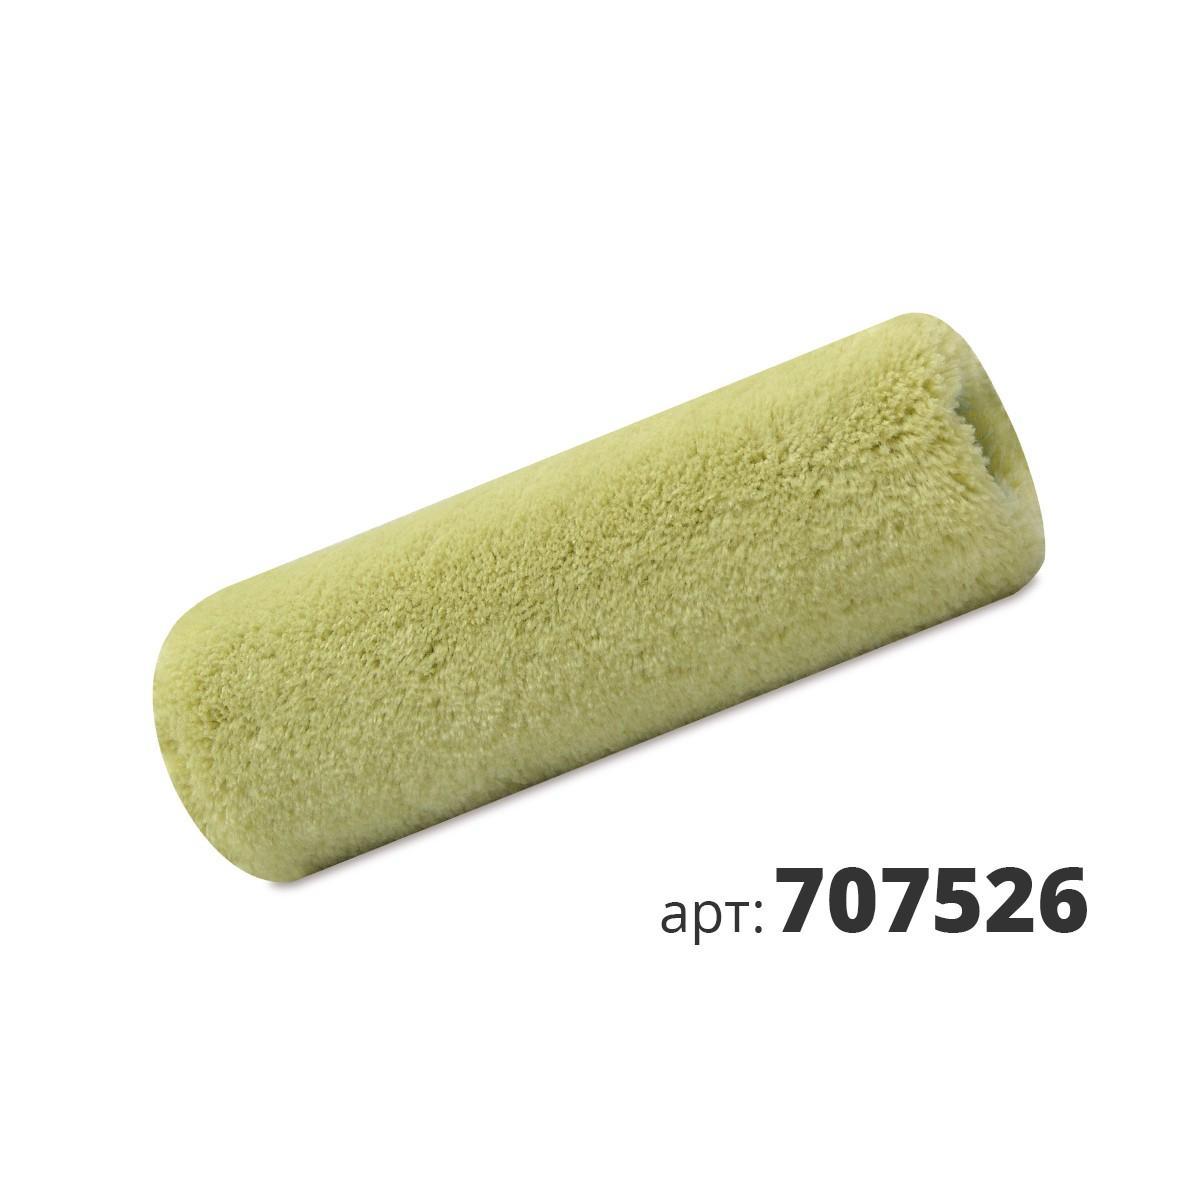 МАКО валик сменный mako® pl_sch, вязанный полиакрил, крученое волокно расщепленное на концах 707526